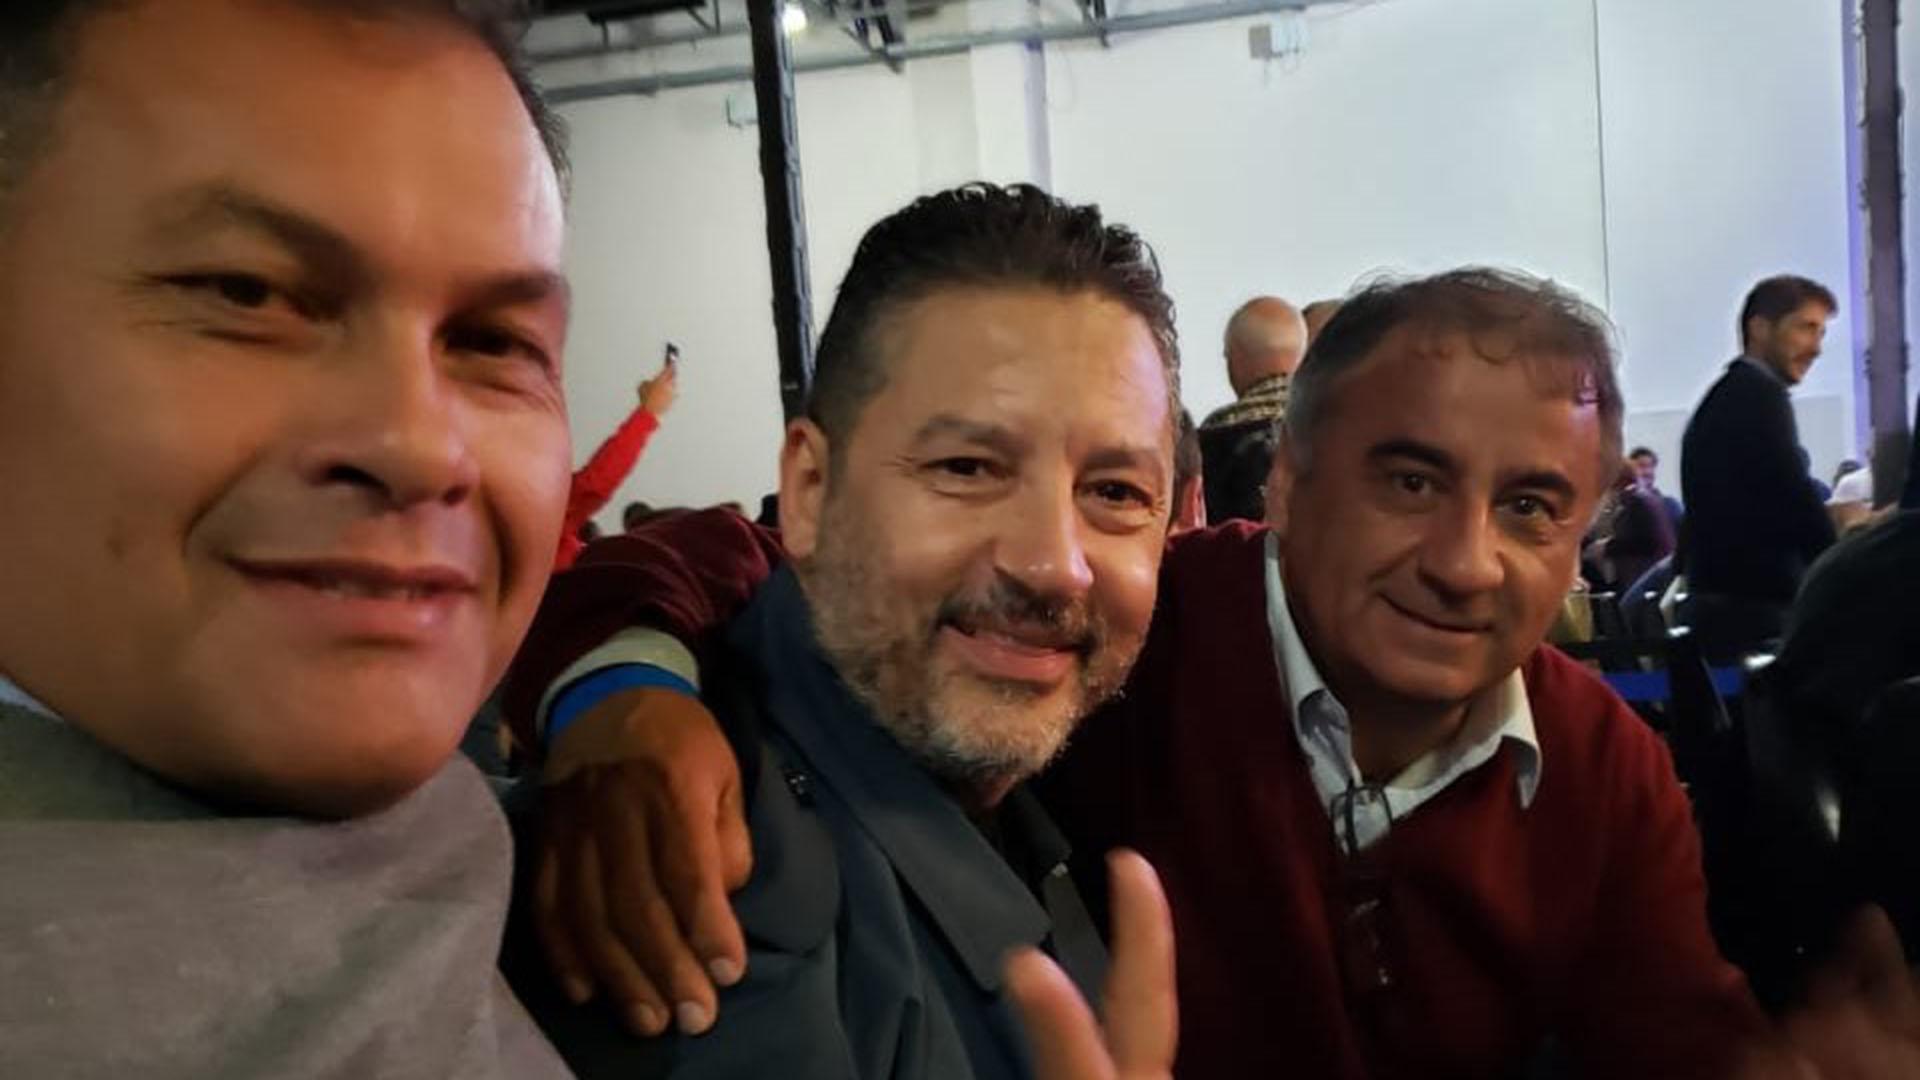 El intendente de Moreno, Walter Festa; el intendente de Merlo, Gustavo Menéndez y el concejal Edgardo Depetri (@EdgardoDepetri)